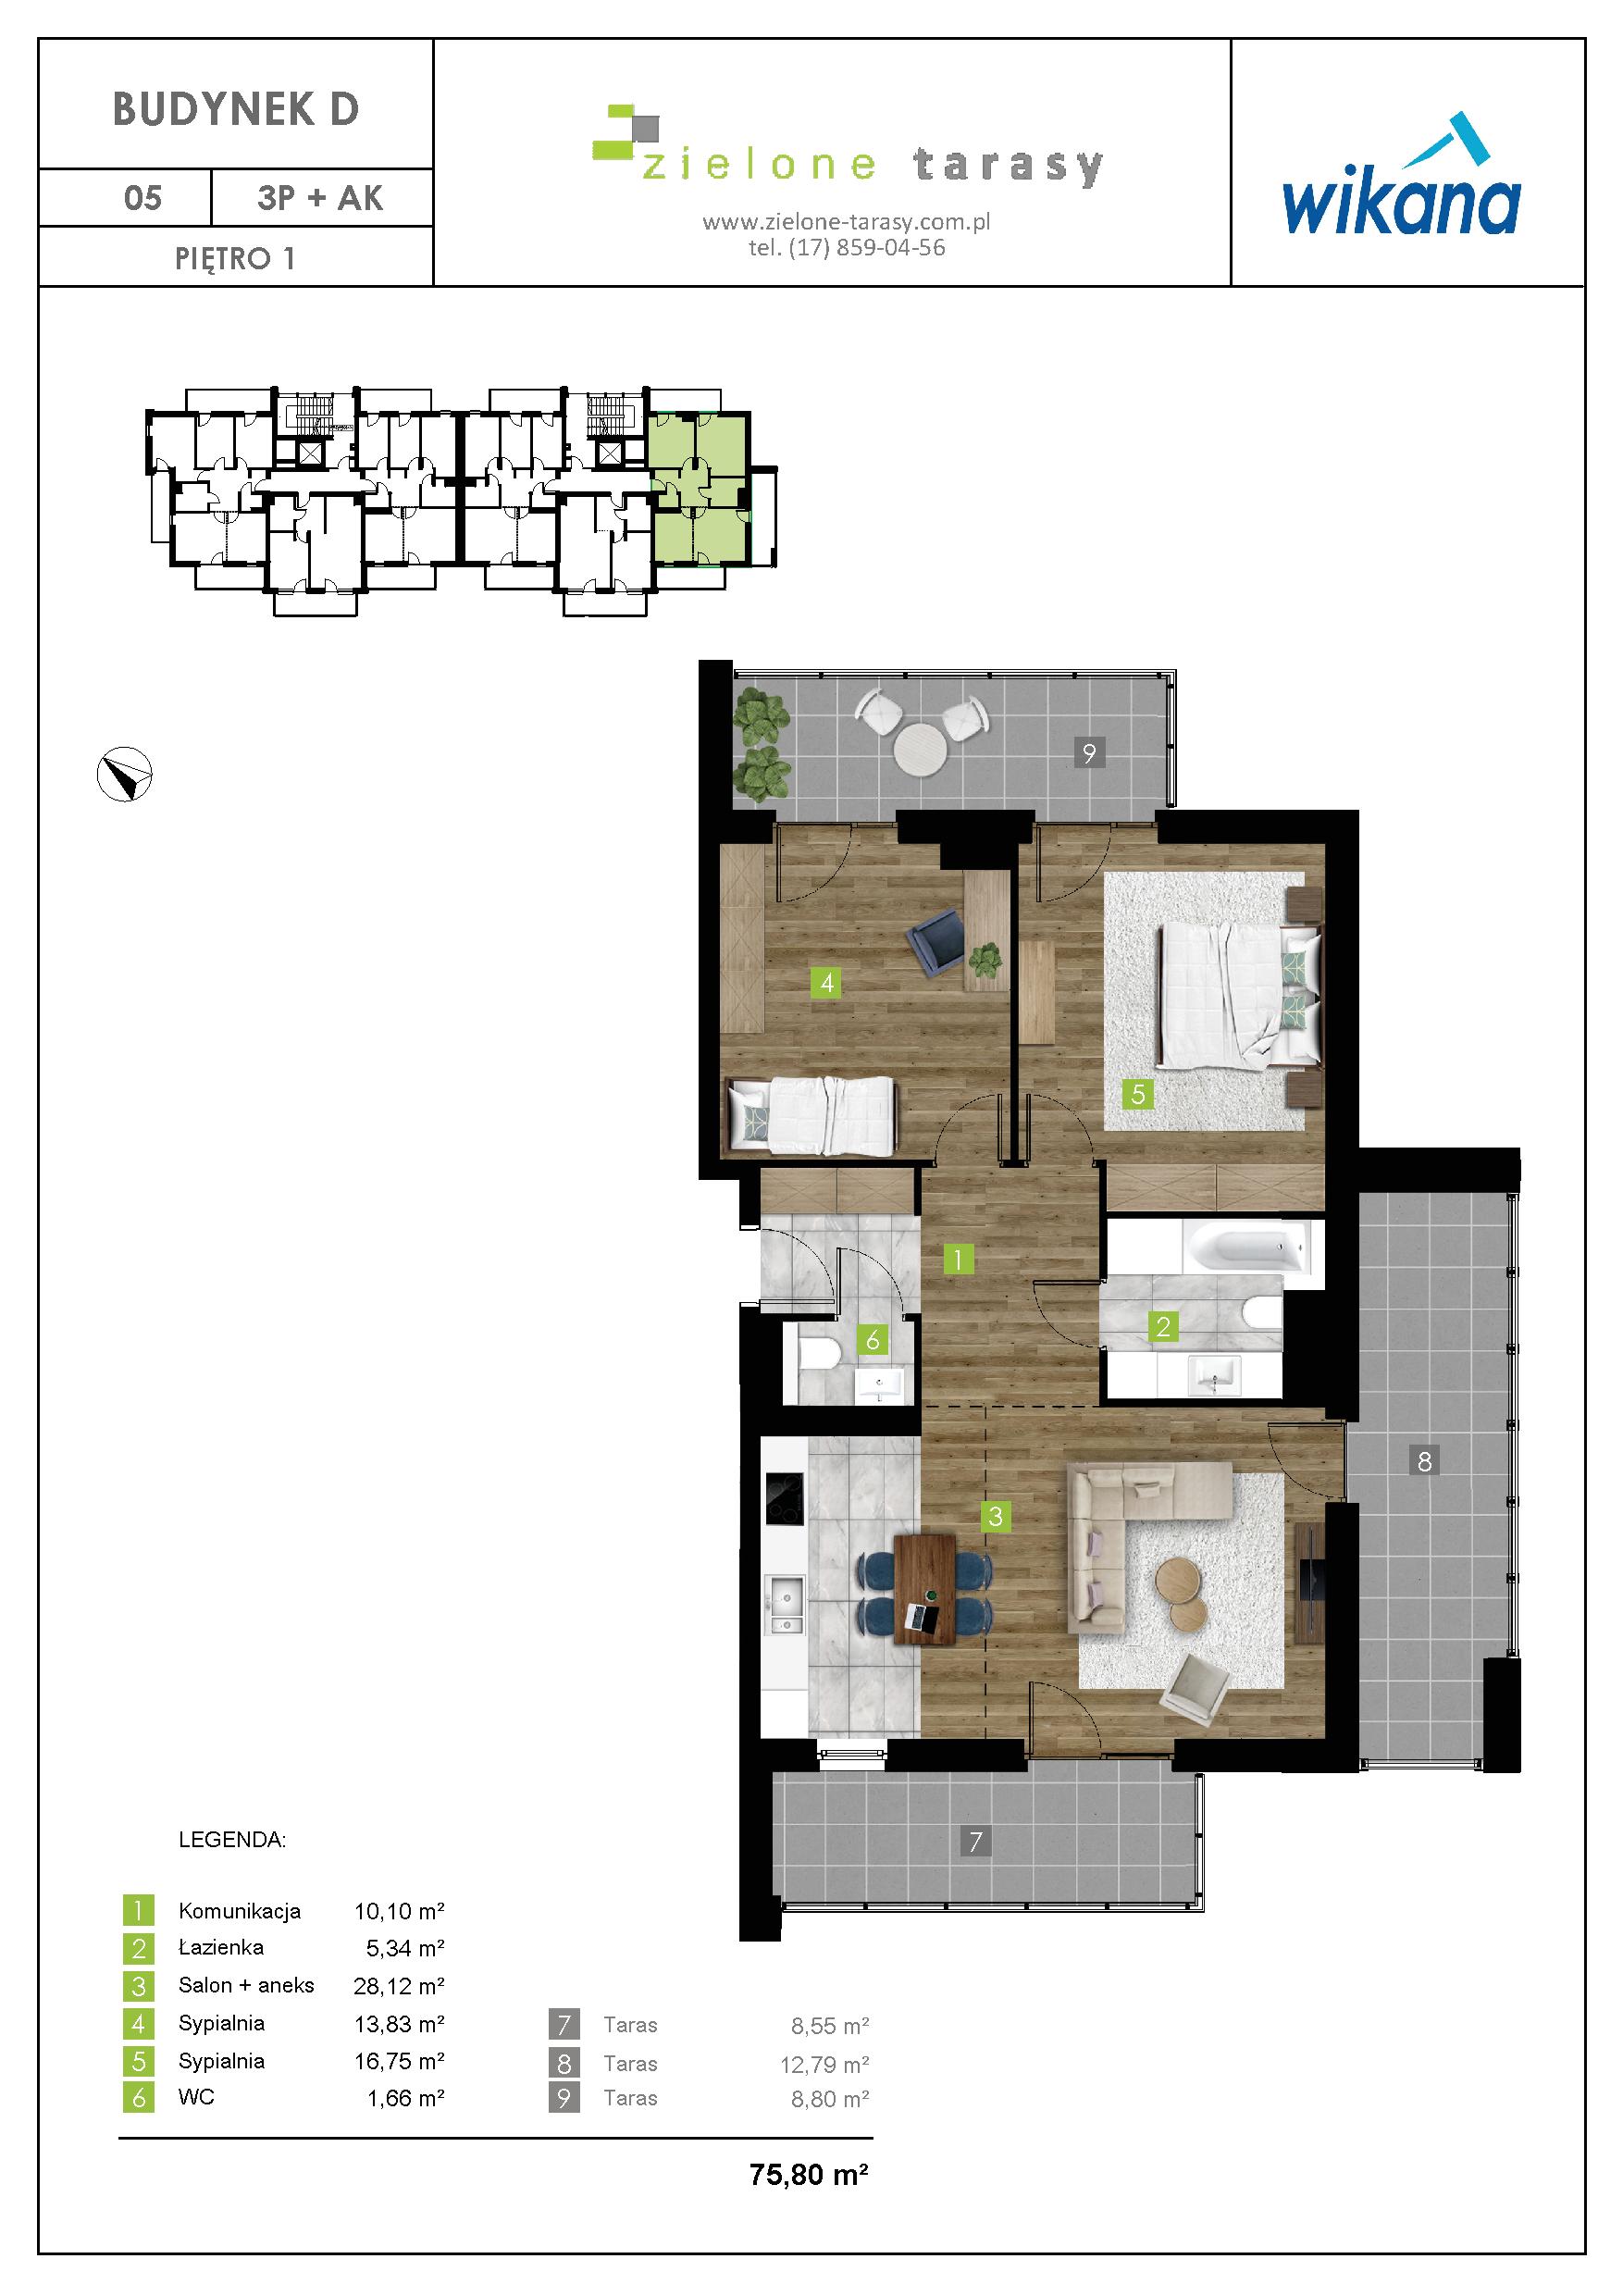 sprzedaż mieszkań rzeszów - D-05